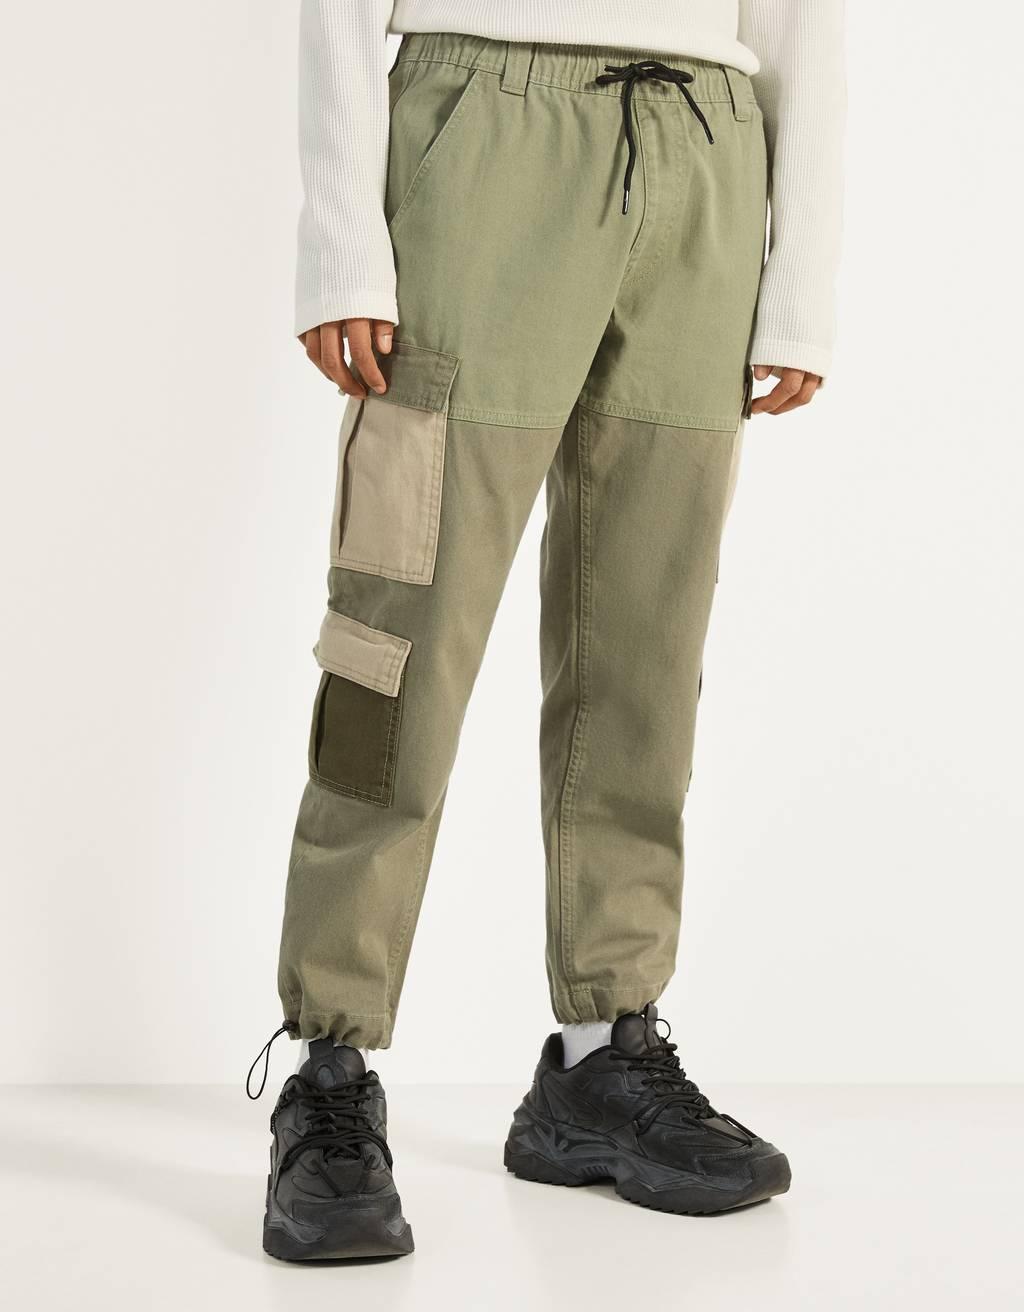 Pantalons de butxaques a contrast